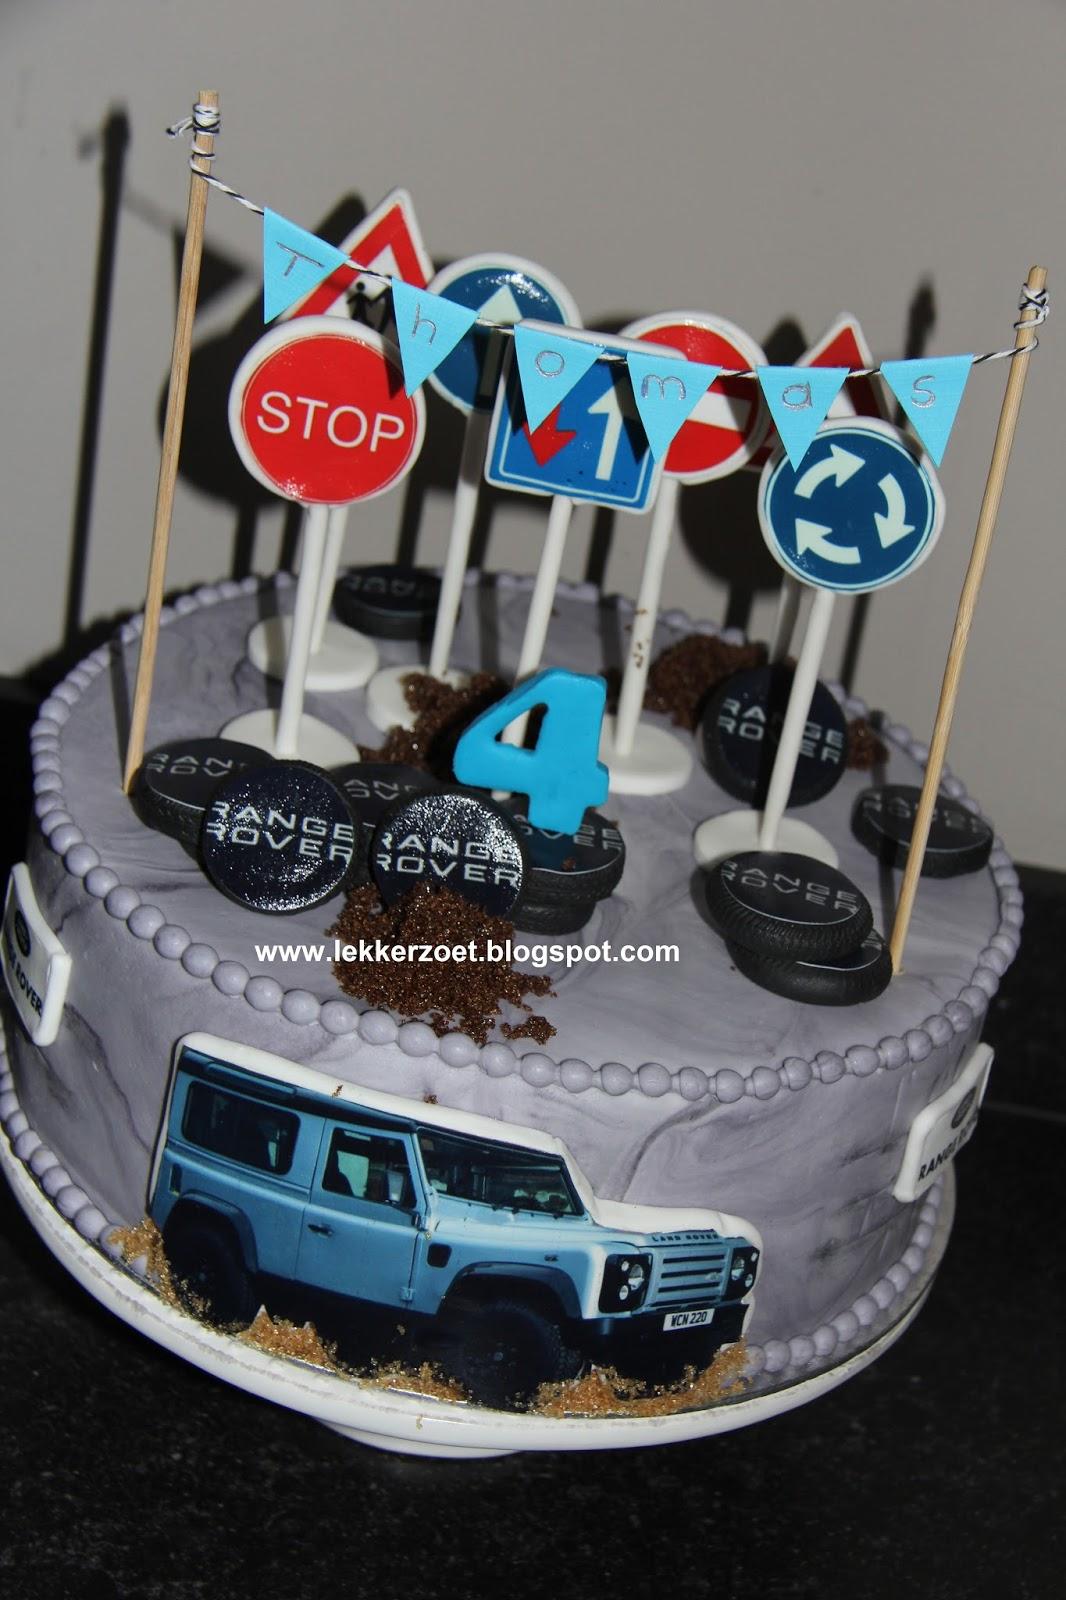 verkeersbord taart lekker zoet: december 2015 verkeersbord taart